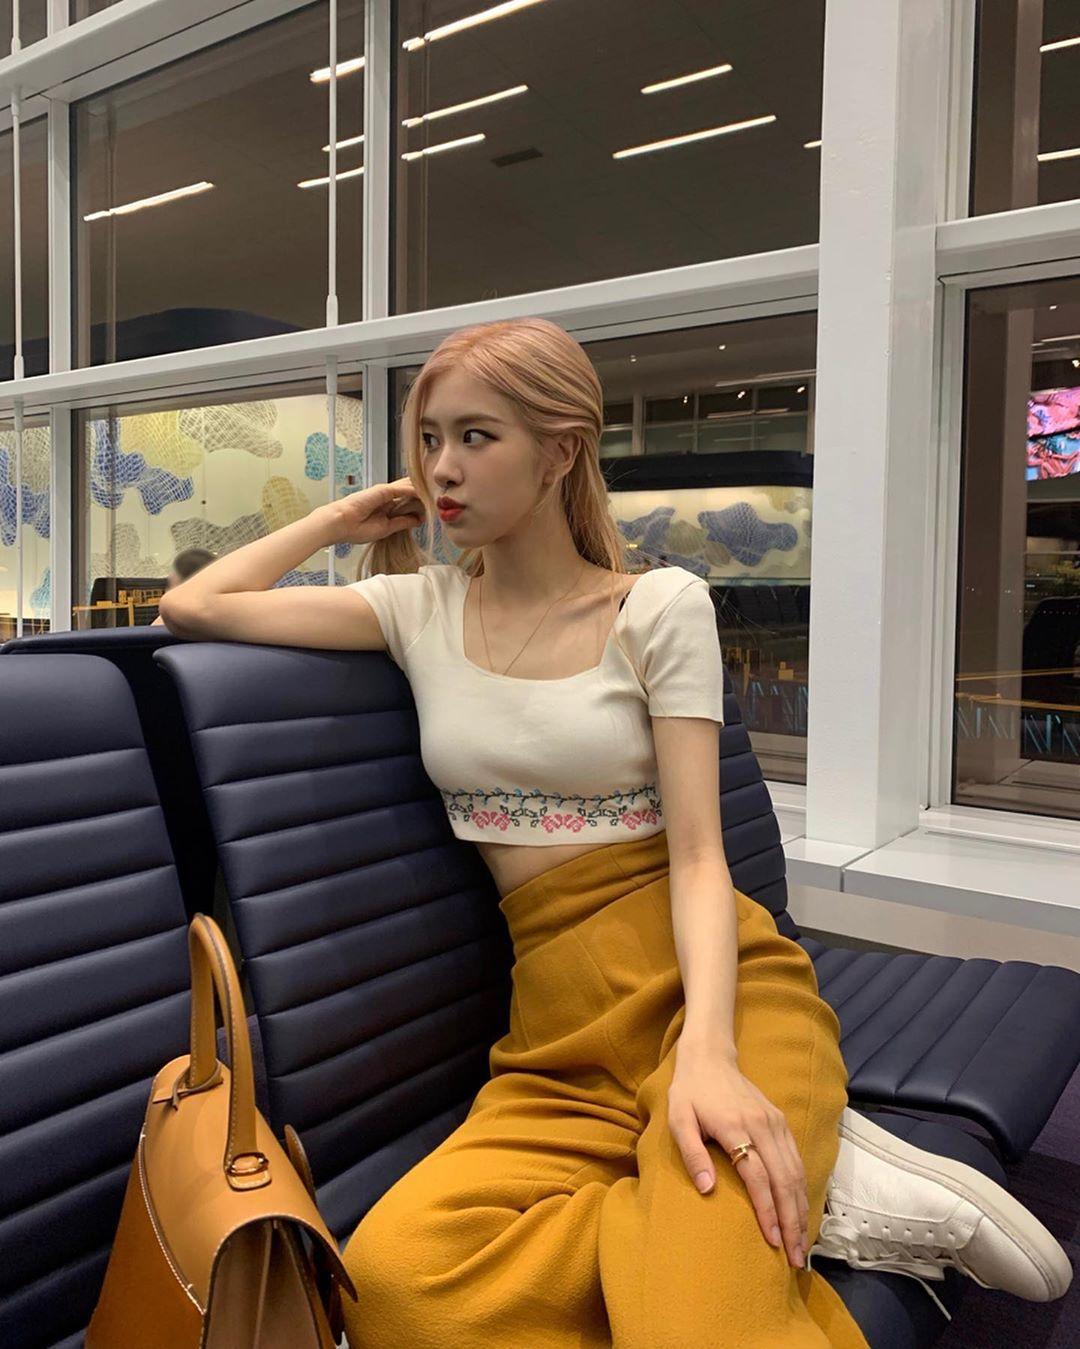 cô gái mặc quần màu vàng mù tạt phối với áo trắng